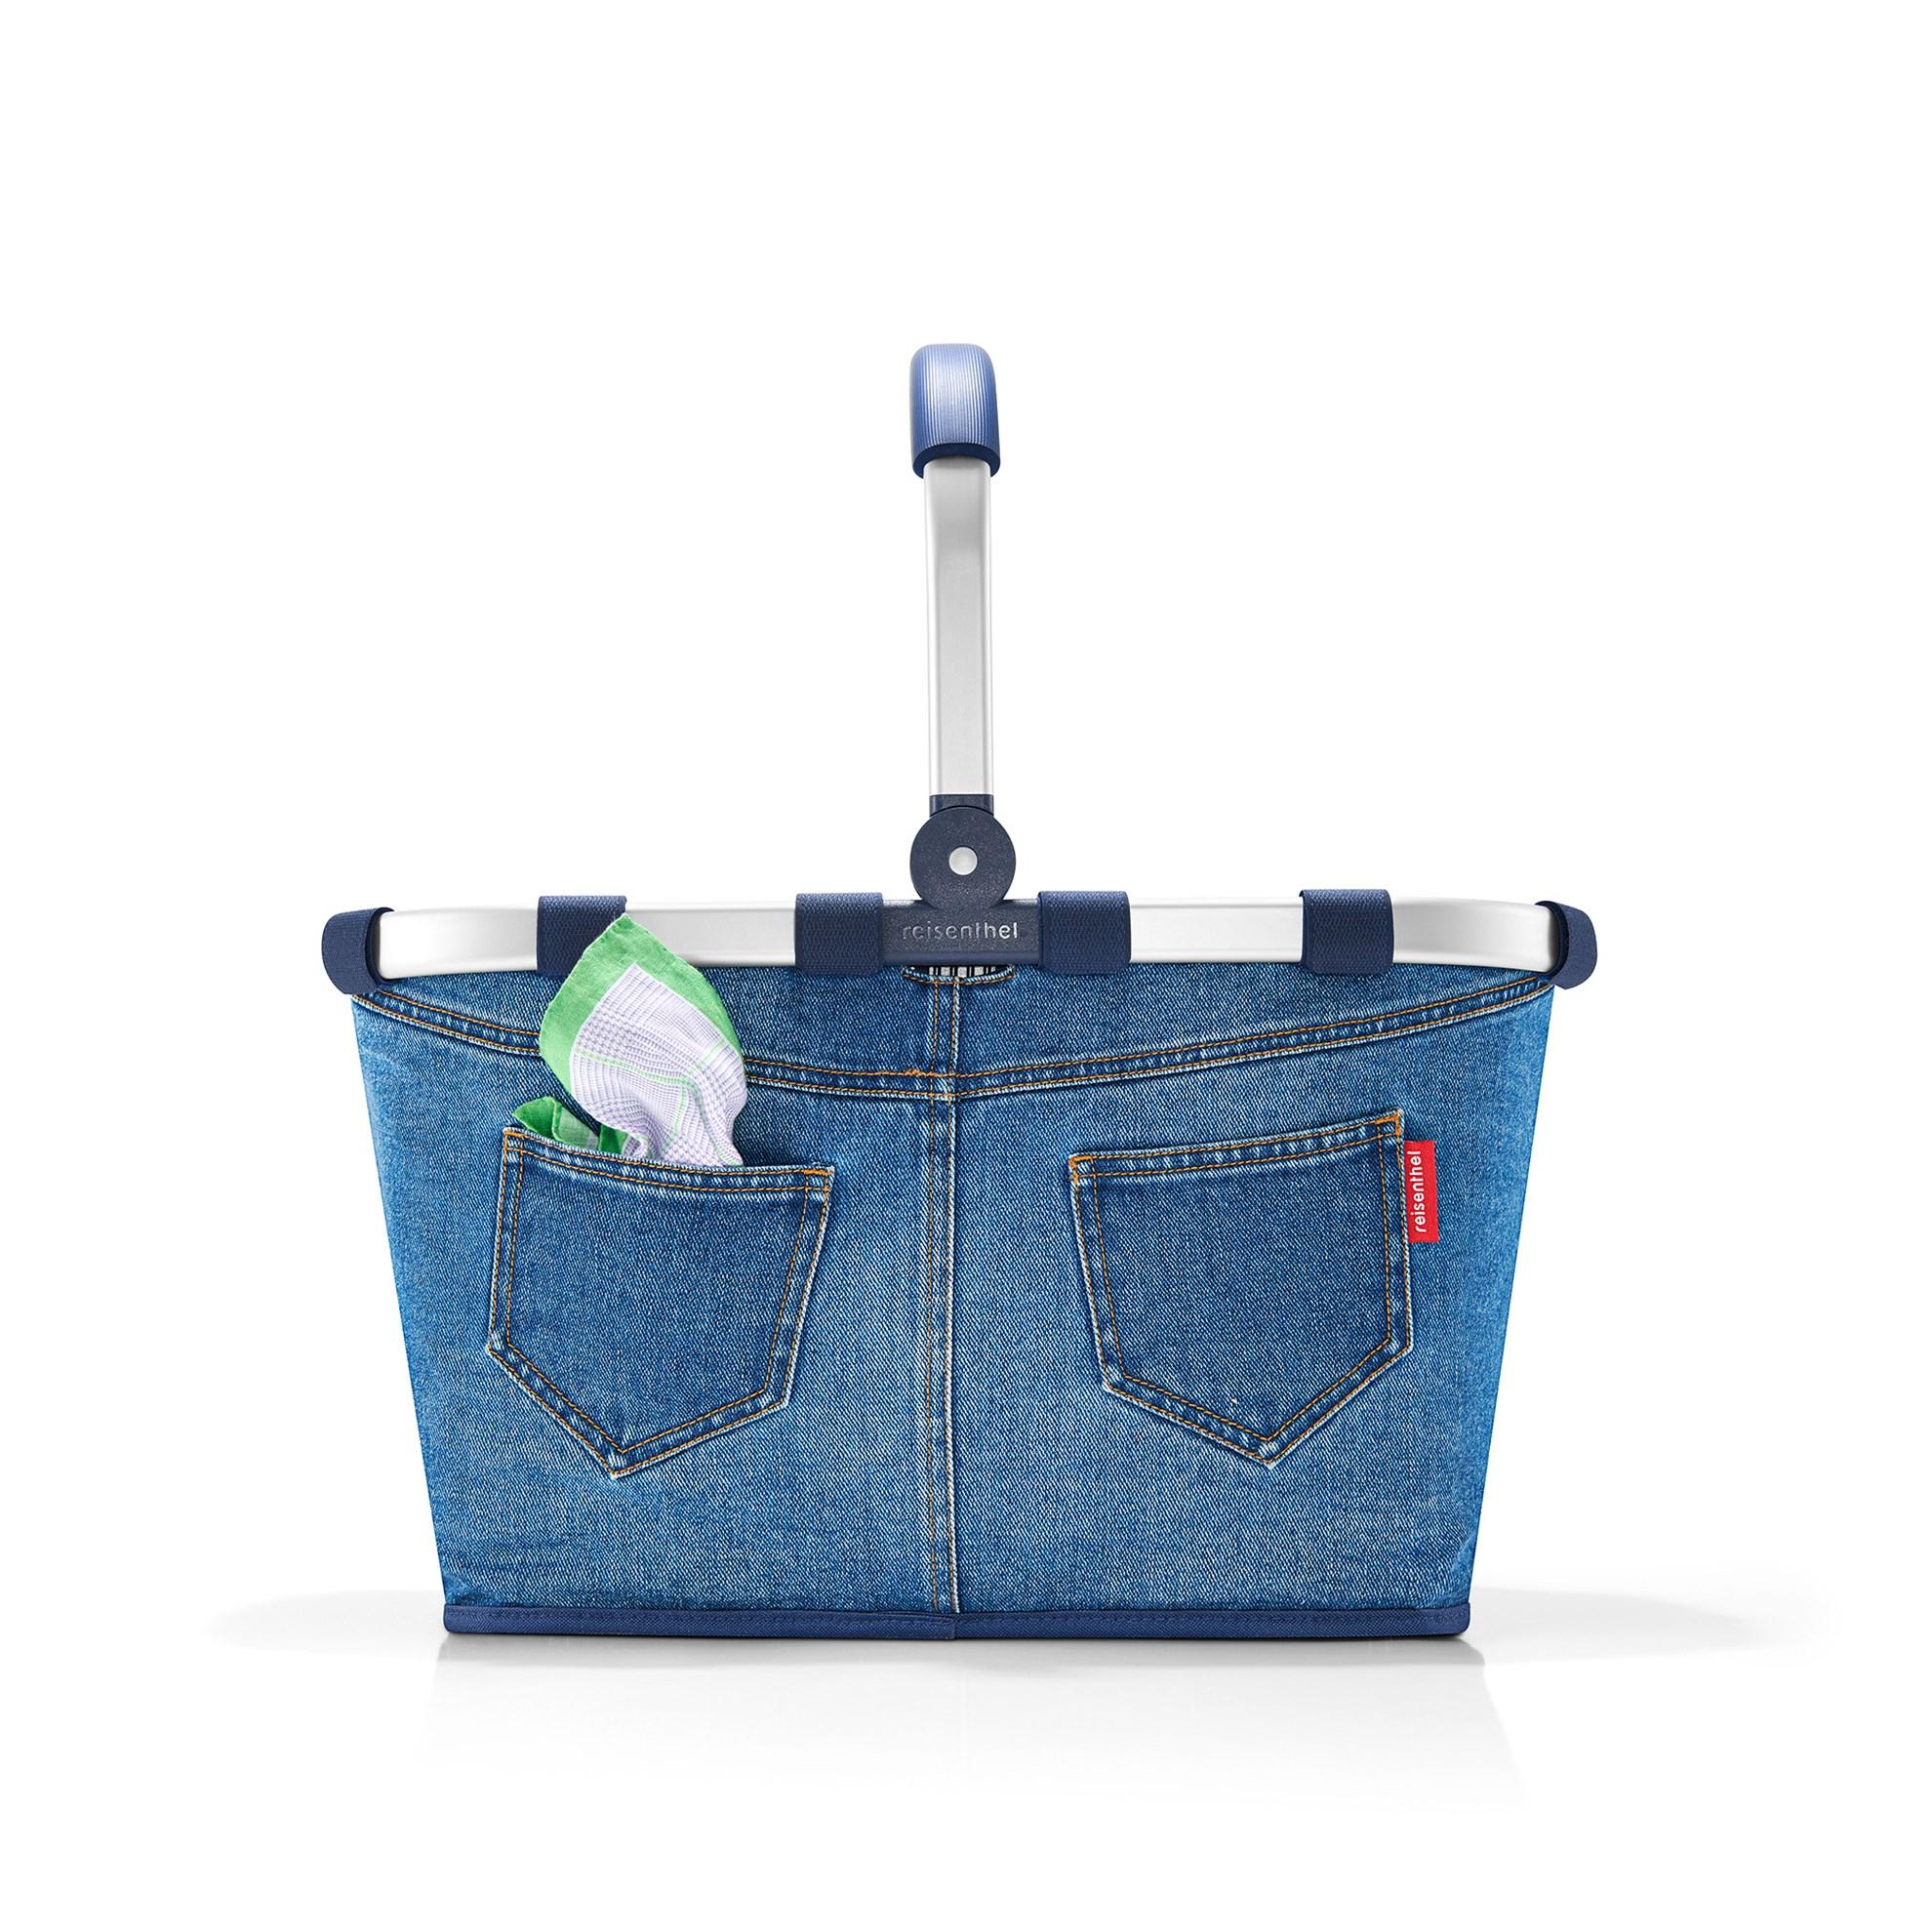 Nákupní košík CARRYBAG jeans_0